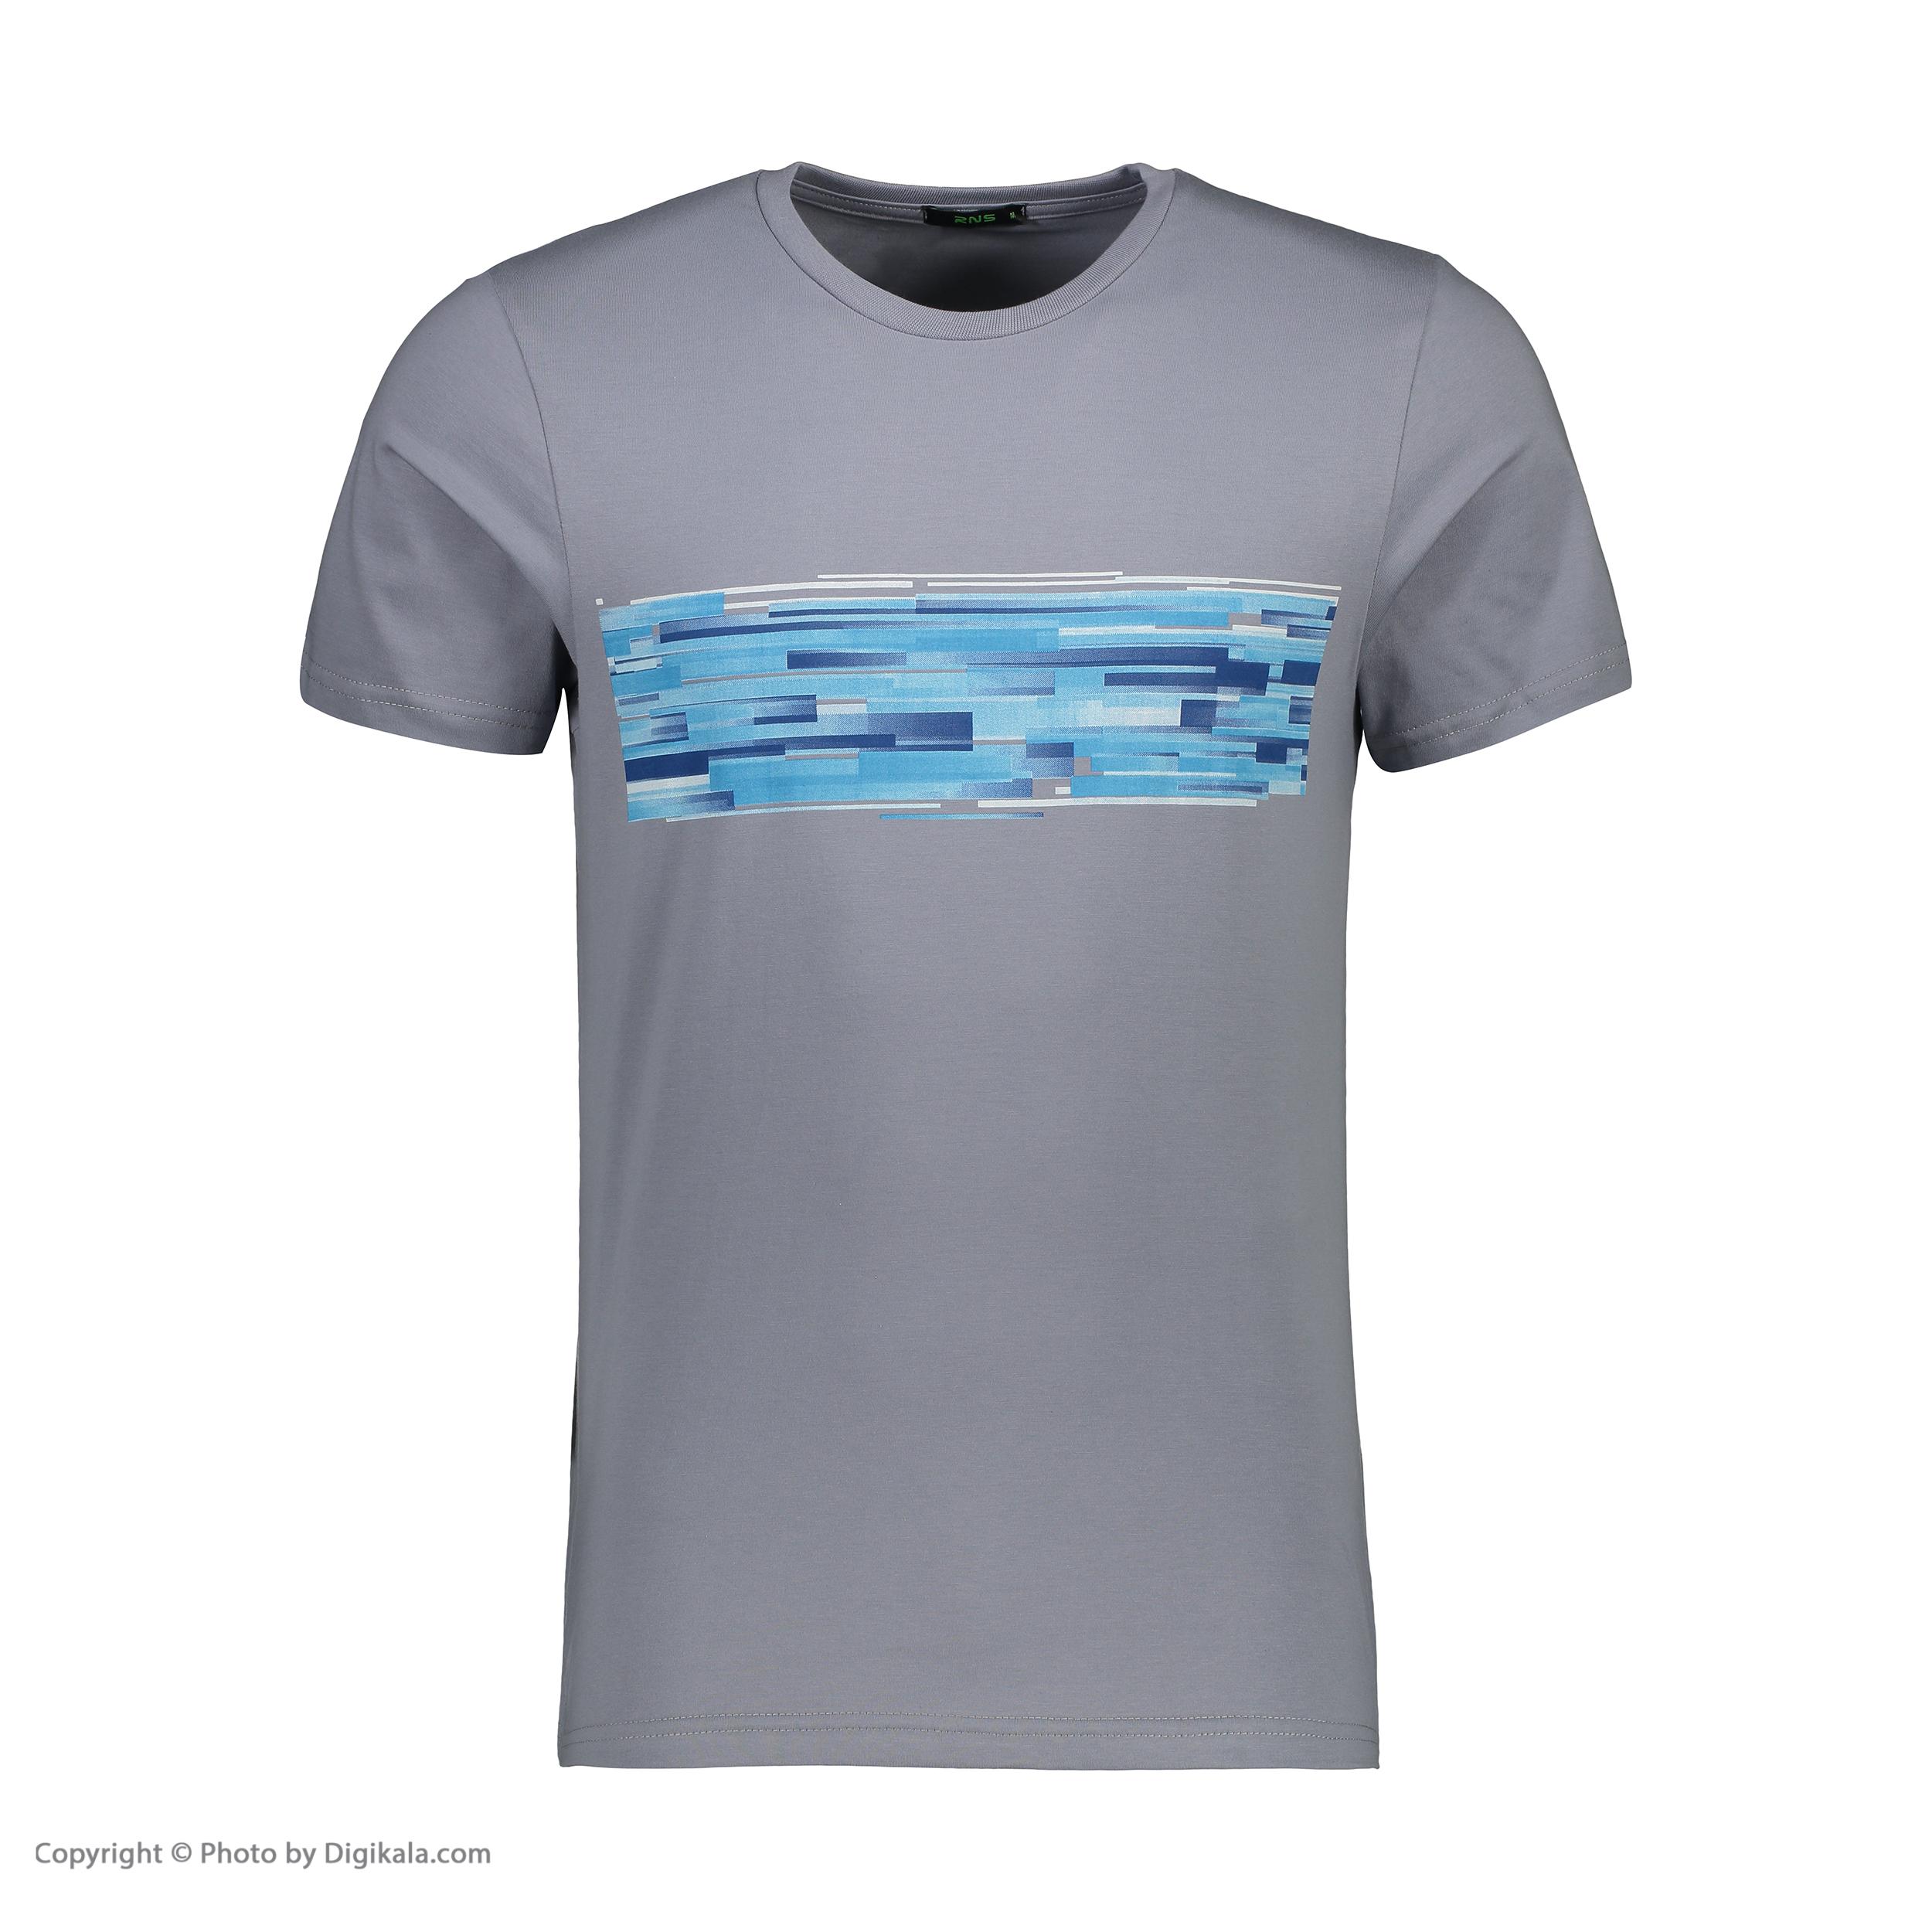 تی شرت مردانه آر ان اس مدل 131145-93